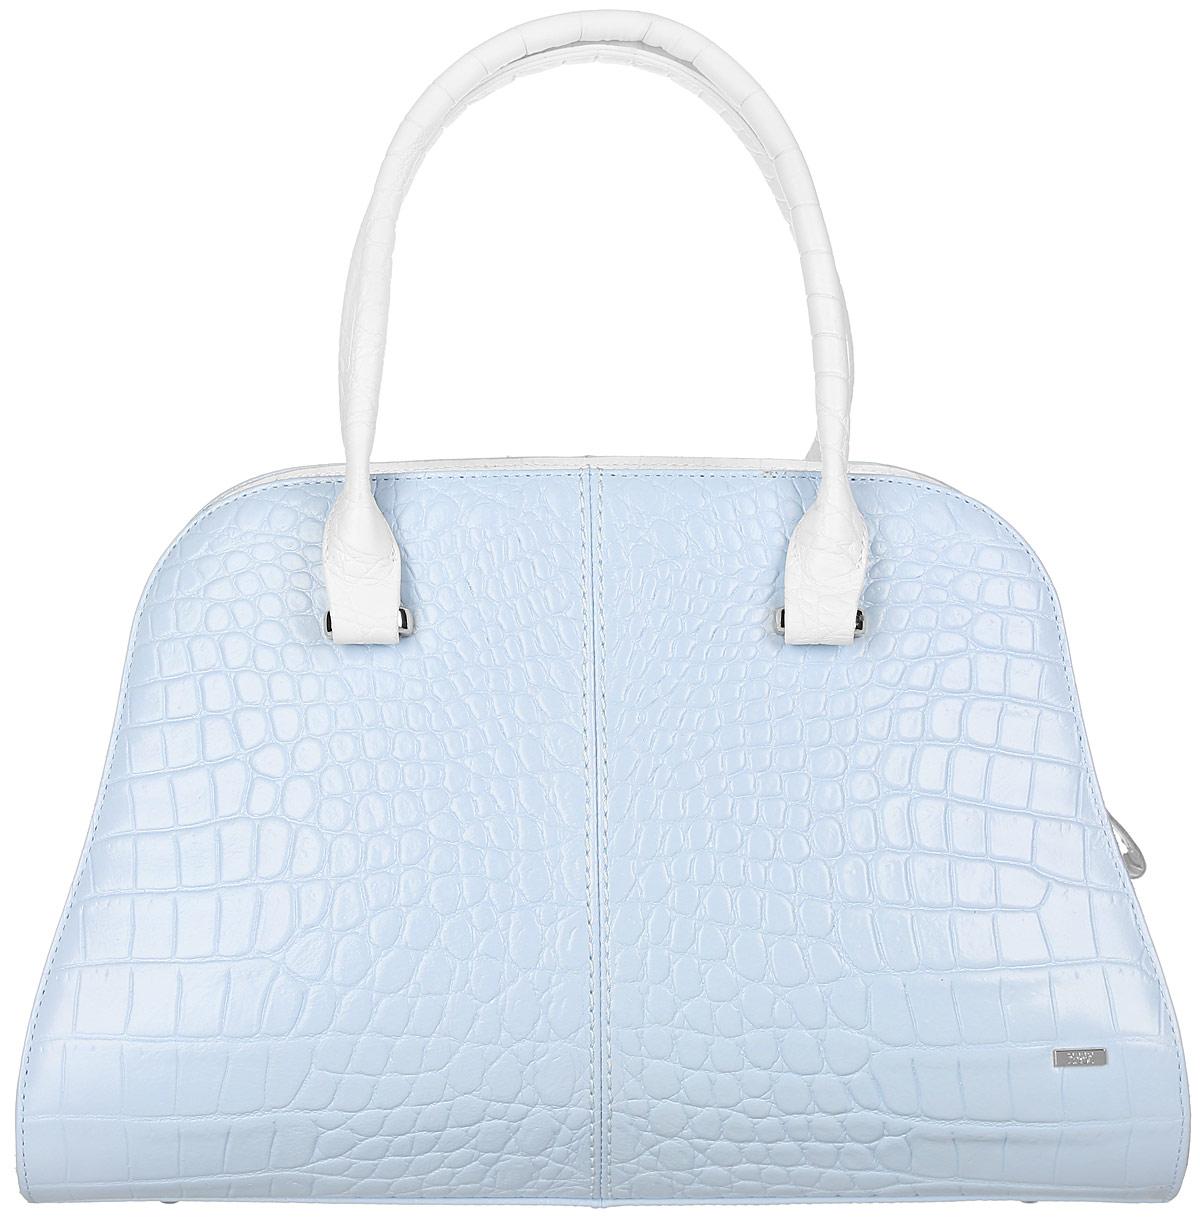 Сумка женская Esse Розали, цвет: голубой, белый. GRSL5U-00ML09-FF809O-K10023008Модная женская сумка Esse Розали имеет жесткую конструкцию, изготовлена из натуральной кожи, оформлена тиснением под кожу крокодила и металлическим значком логотипа бренда. Модель создана для женщин, ценящих оригинальный дизайн в сочетании с функциональностью и комфортом.Сумка состоит из одного отделения и закрывается на застежку-молнию. Отделение содержит нашивной карман для телефона и мелочей, а также врезной карман на молнии. На задней стенке врезной карман на молнии. Сумка оснащена двумя удобными ручками для переноски в руке или на запястье, а также съемным плечевым ремнем, регулируемой длины. Дно сумки дополнено металлическими ножками, которые защищают изделие от повреждений.Прилагается текстильный фирменный чехол для хранения.Оригинальный аксессуар позволит вам завершить образ и быть неотразимой.